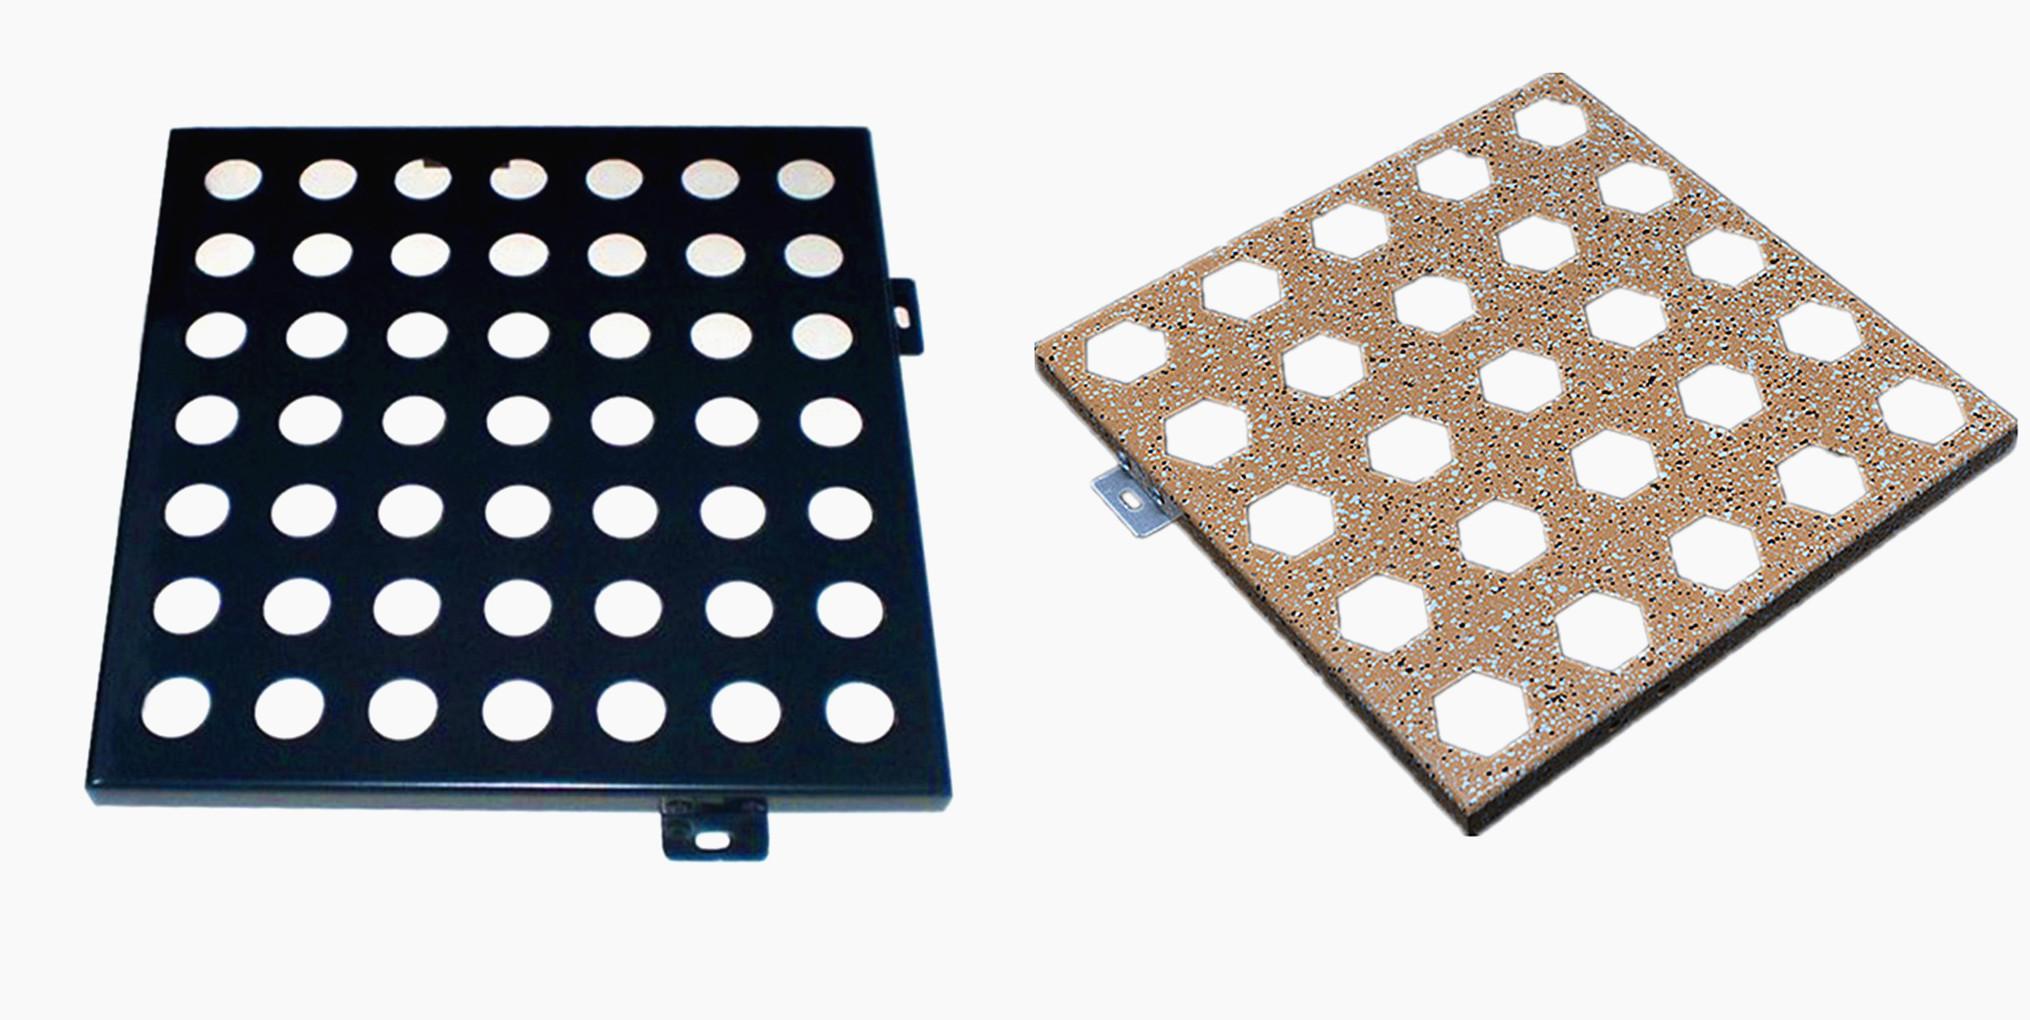 Pop Design Aluminum Perforated Plate/ Aluminum Perforated Composite Panels